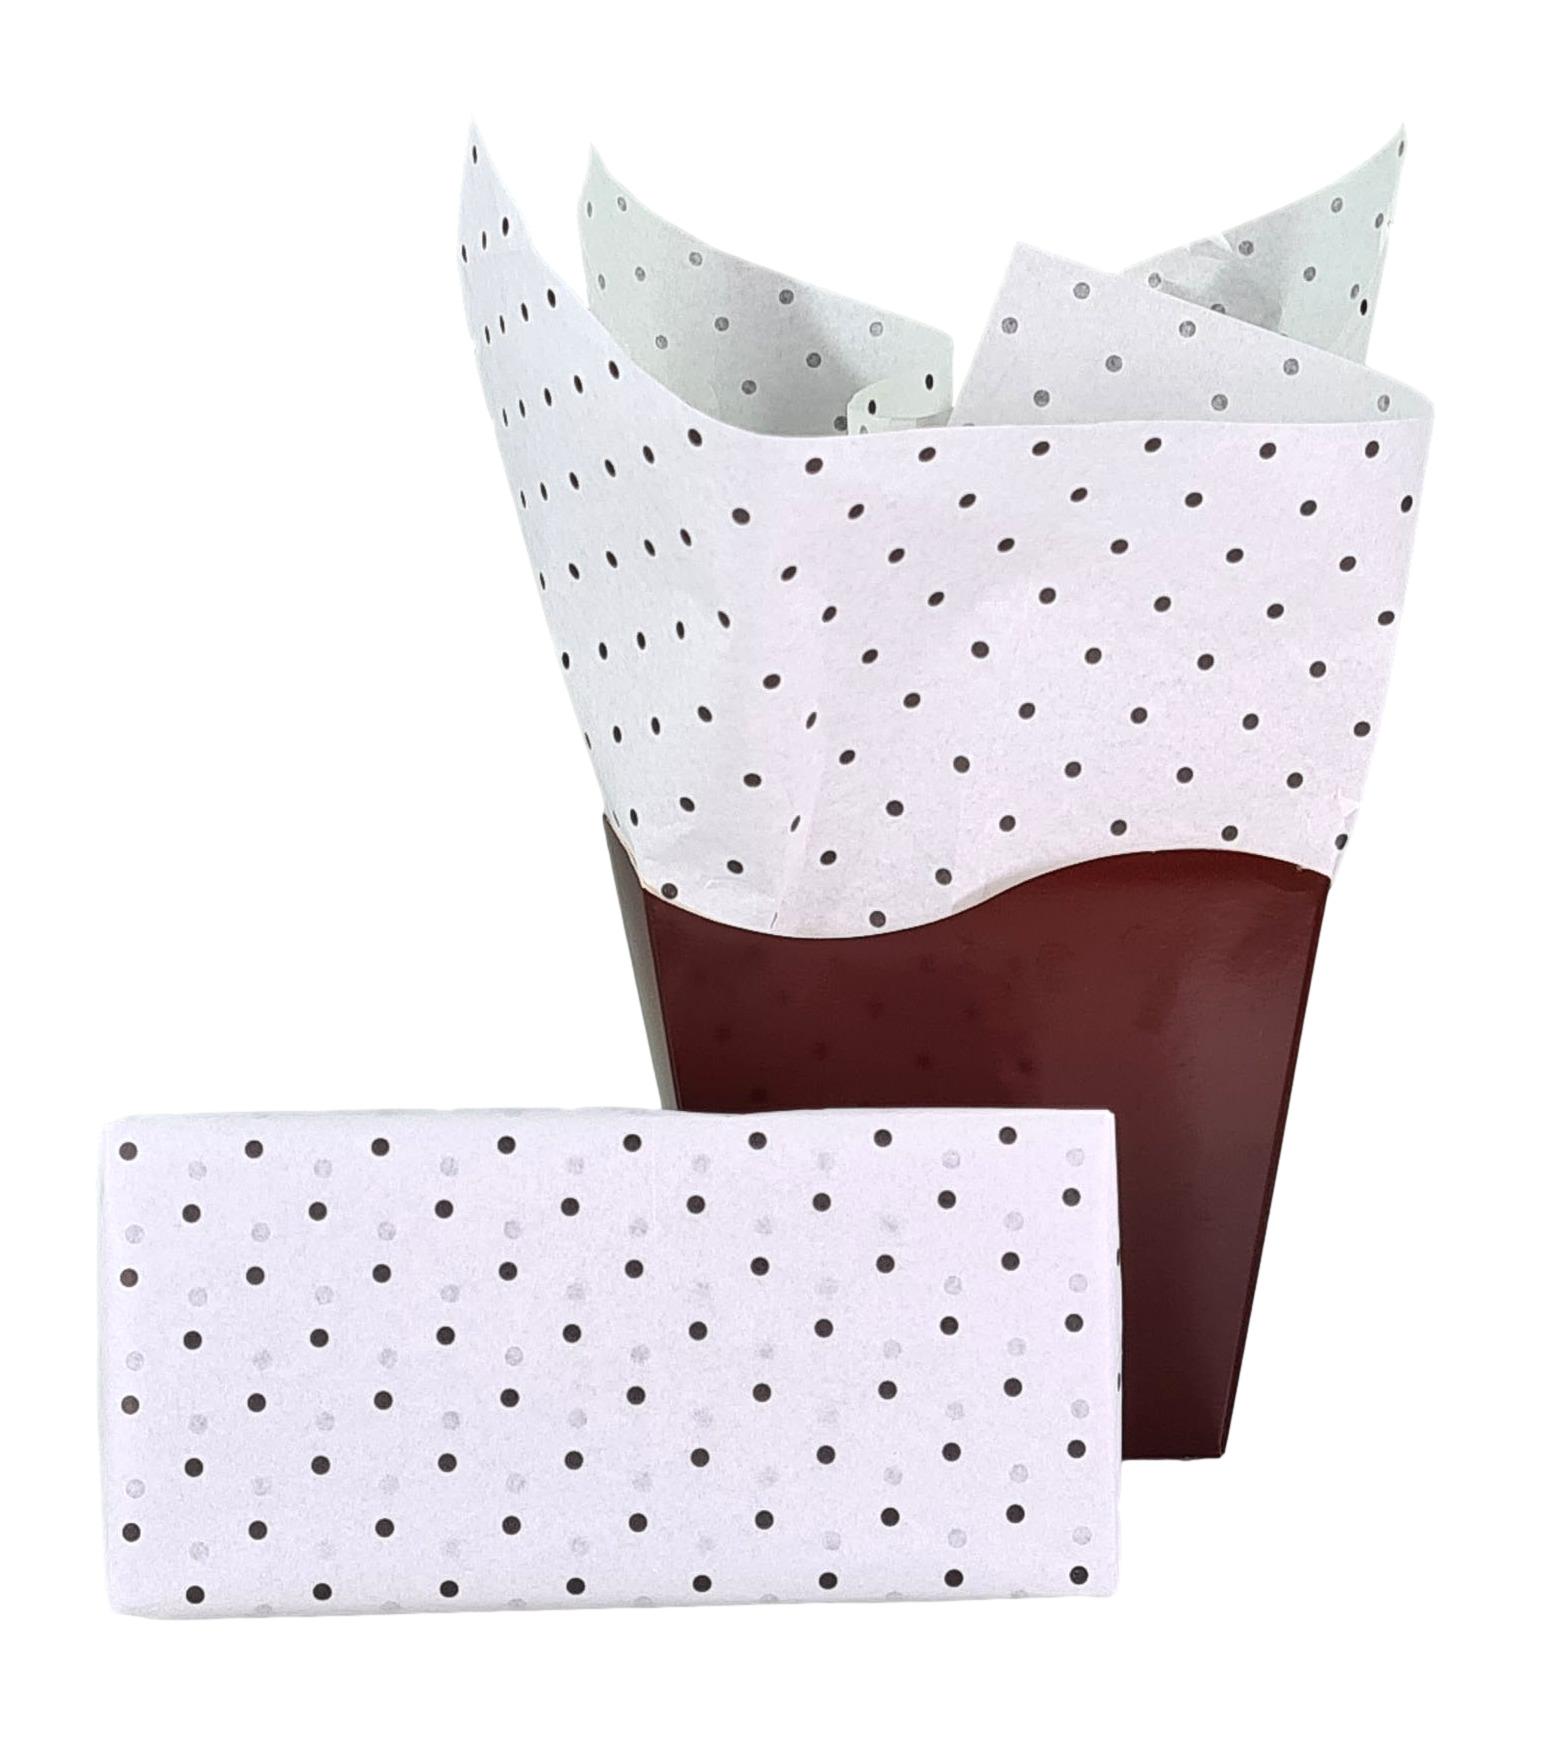 Papel de Seda Personalizado 20g/m - Tamanho 50 x 70 - Linha paper 7093  - Litex Embalagens